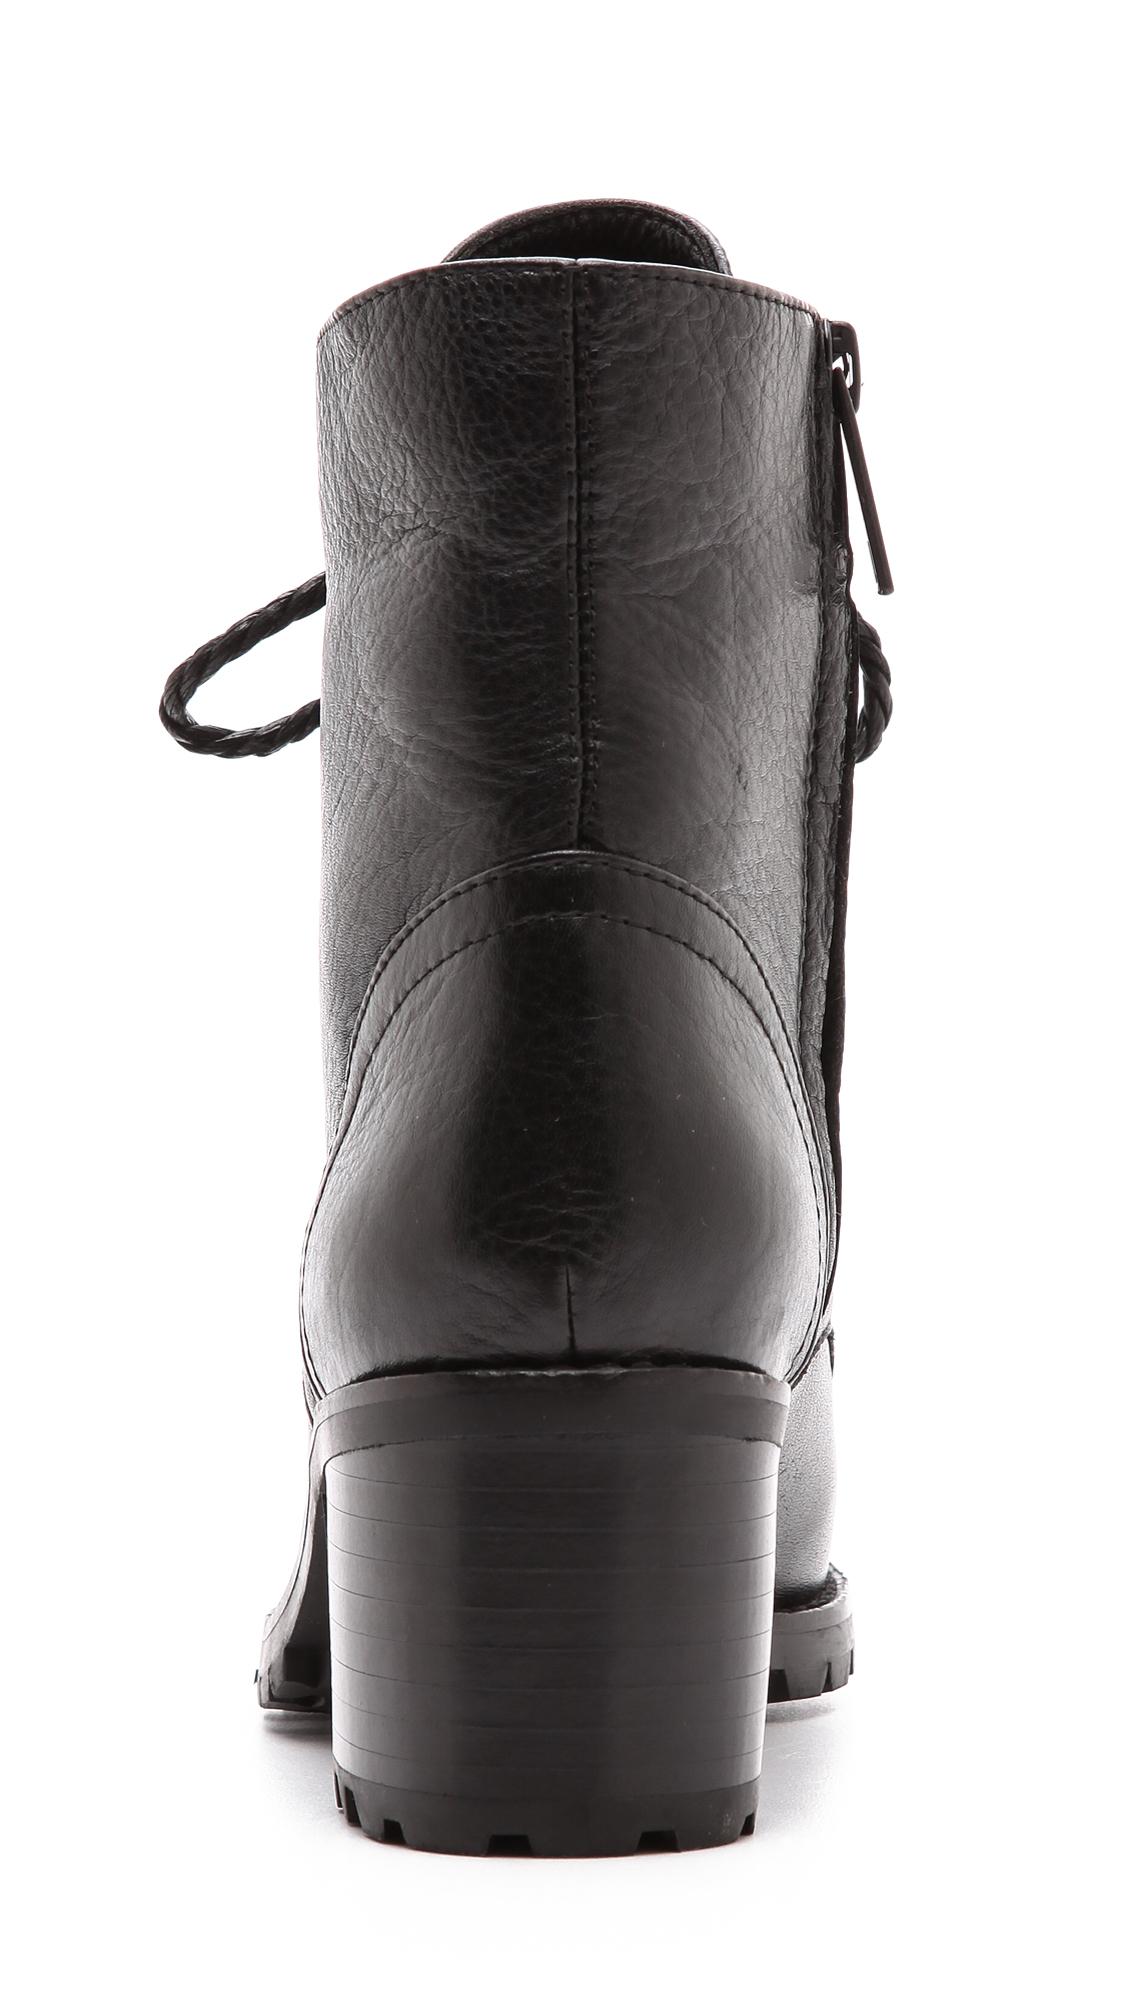 Joie Asbury Combat Boots - Black